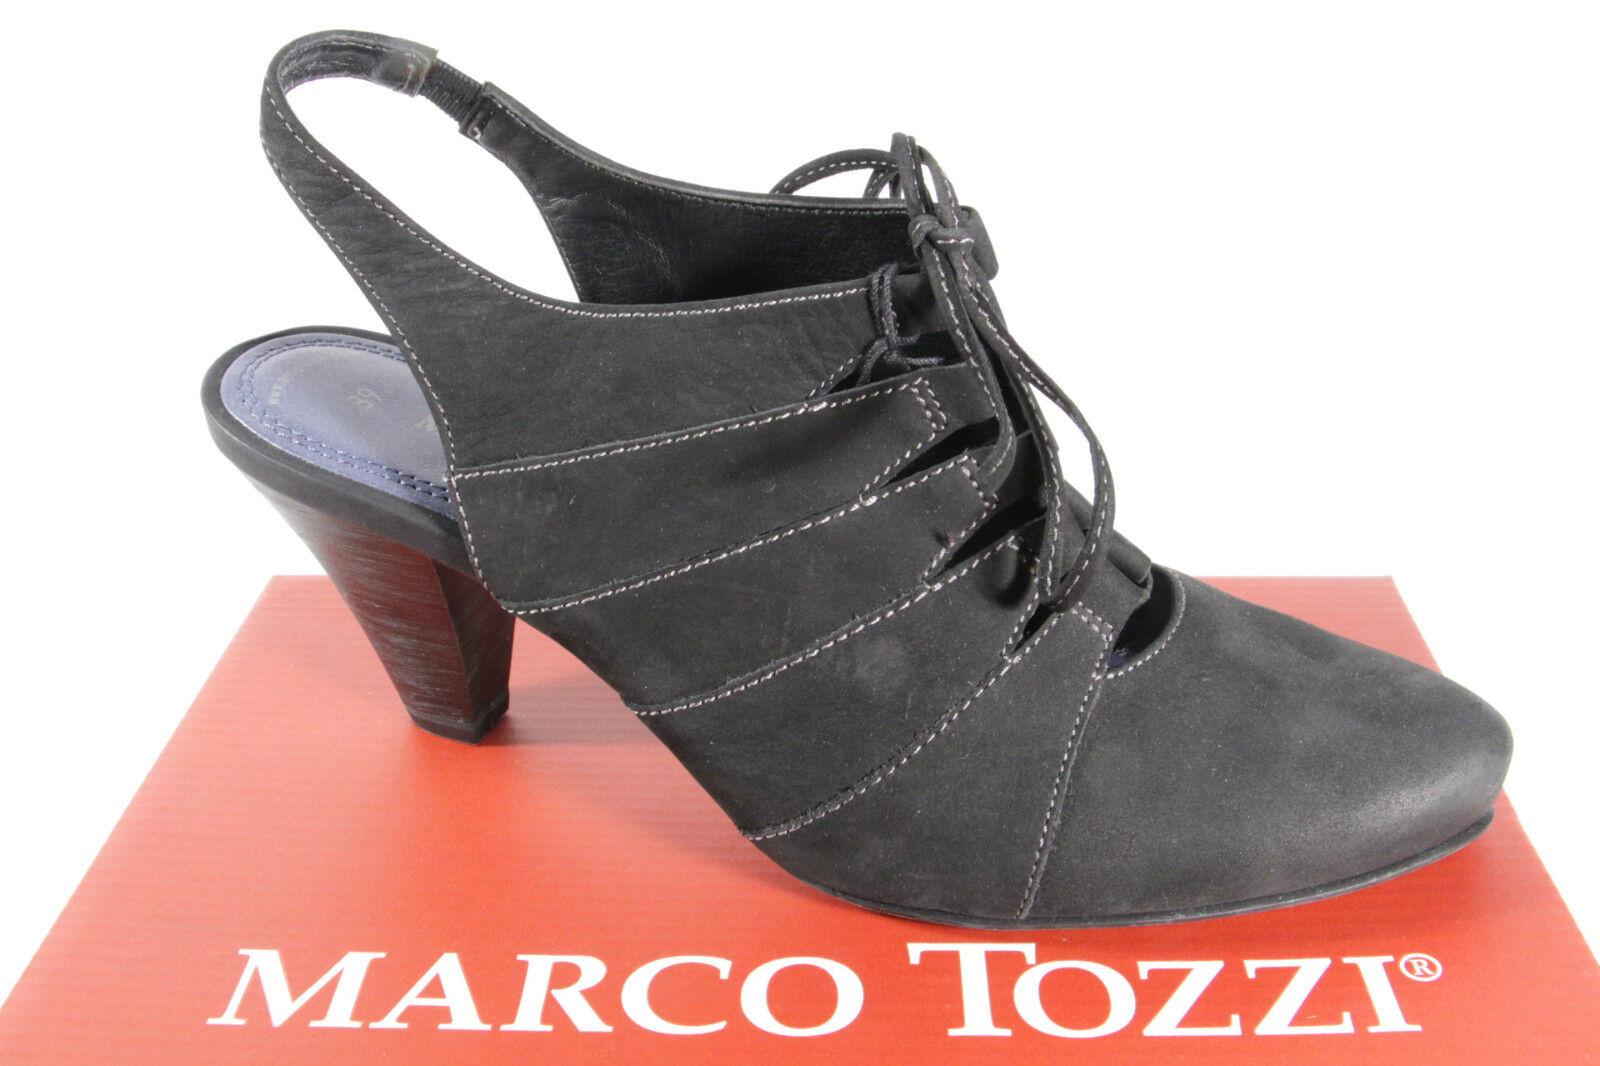 Marco Tozzi Damen Sling  Sandale, schwarz, Gummisohle, Schnüroptik NEU